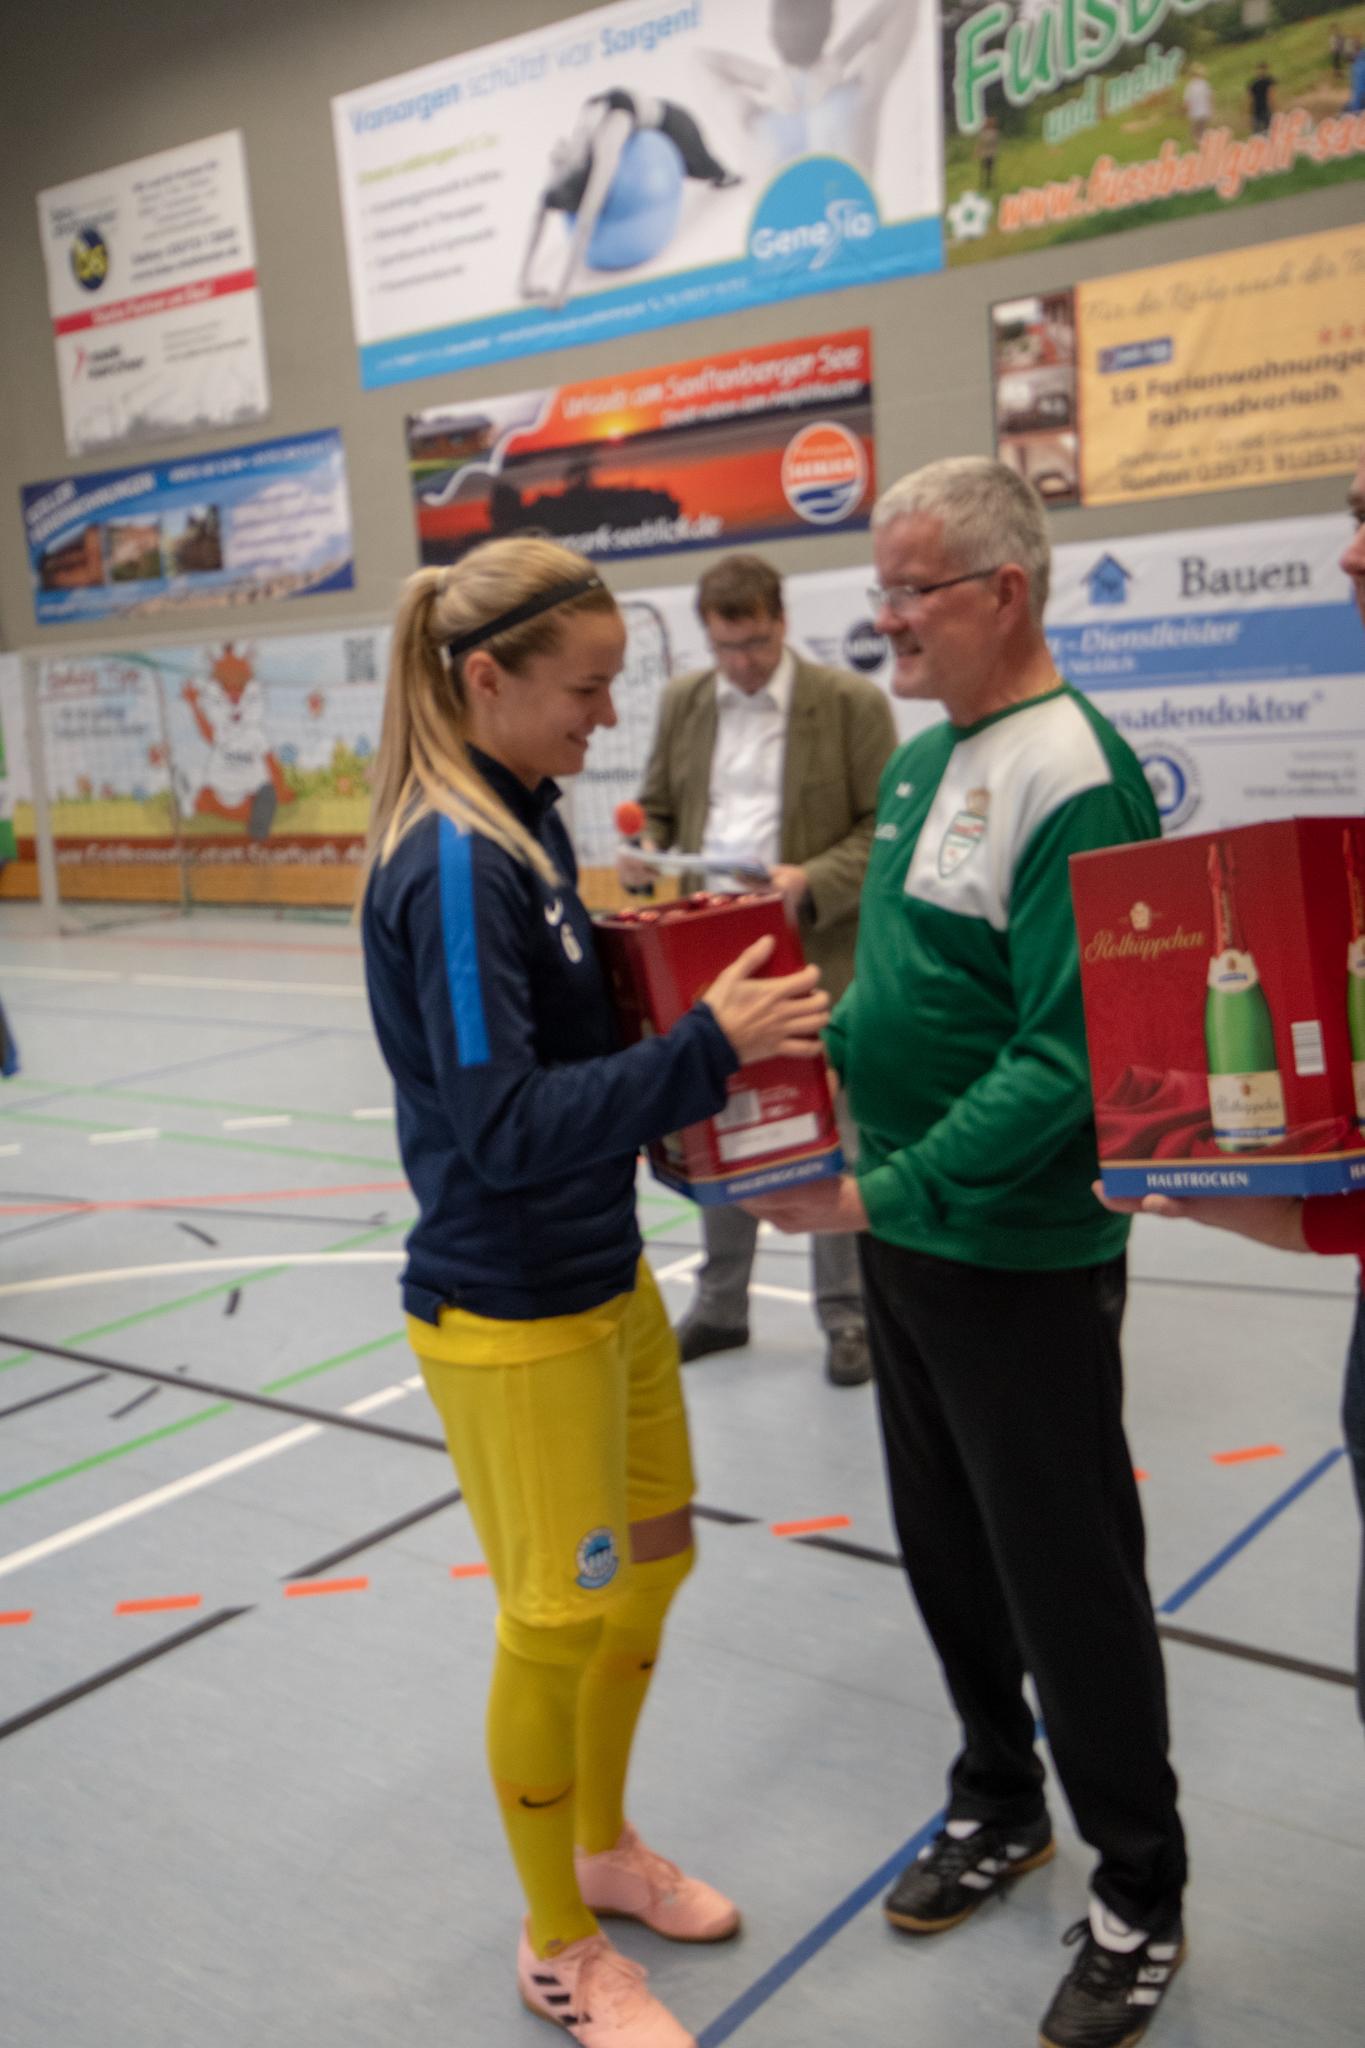 20190113  IDX7046, Frauenfußball, Großkoschen, Seesporthalle, Soccergolf Sachsen, Turnier